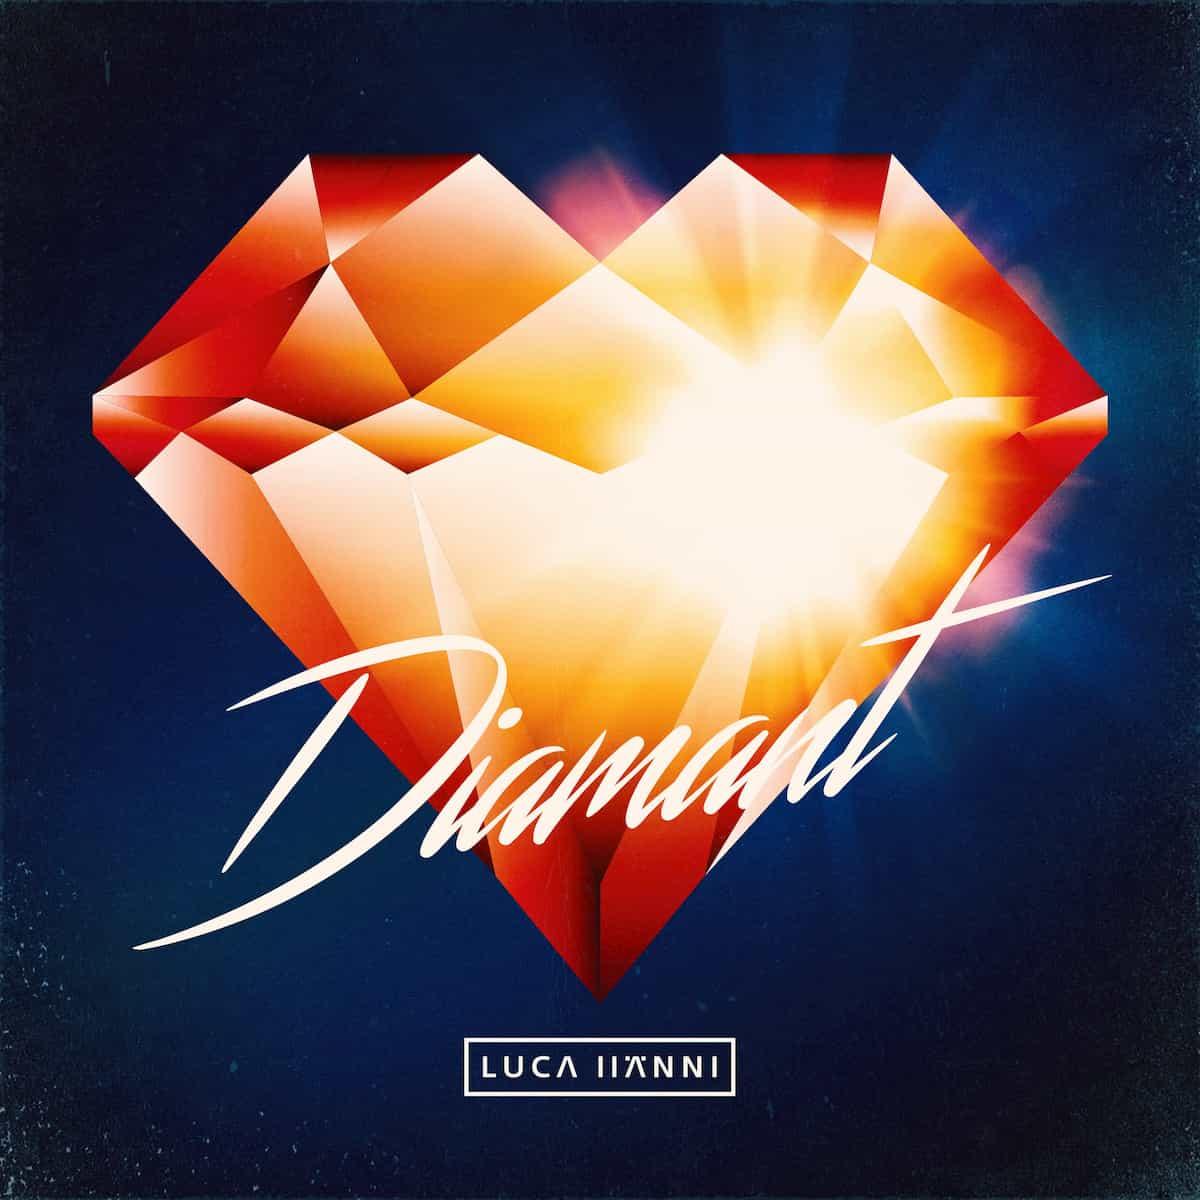 Luca Hänni mit Christina Luft im Tanz-Video Diamant in den Salsango Schlager-Charts